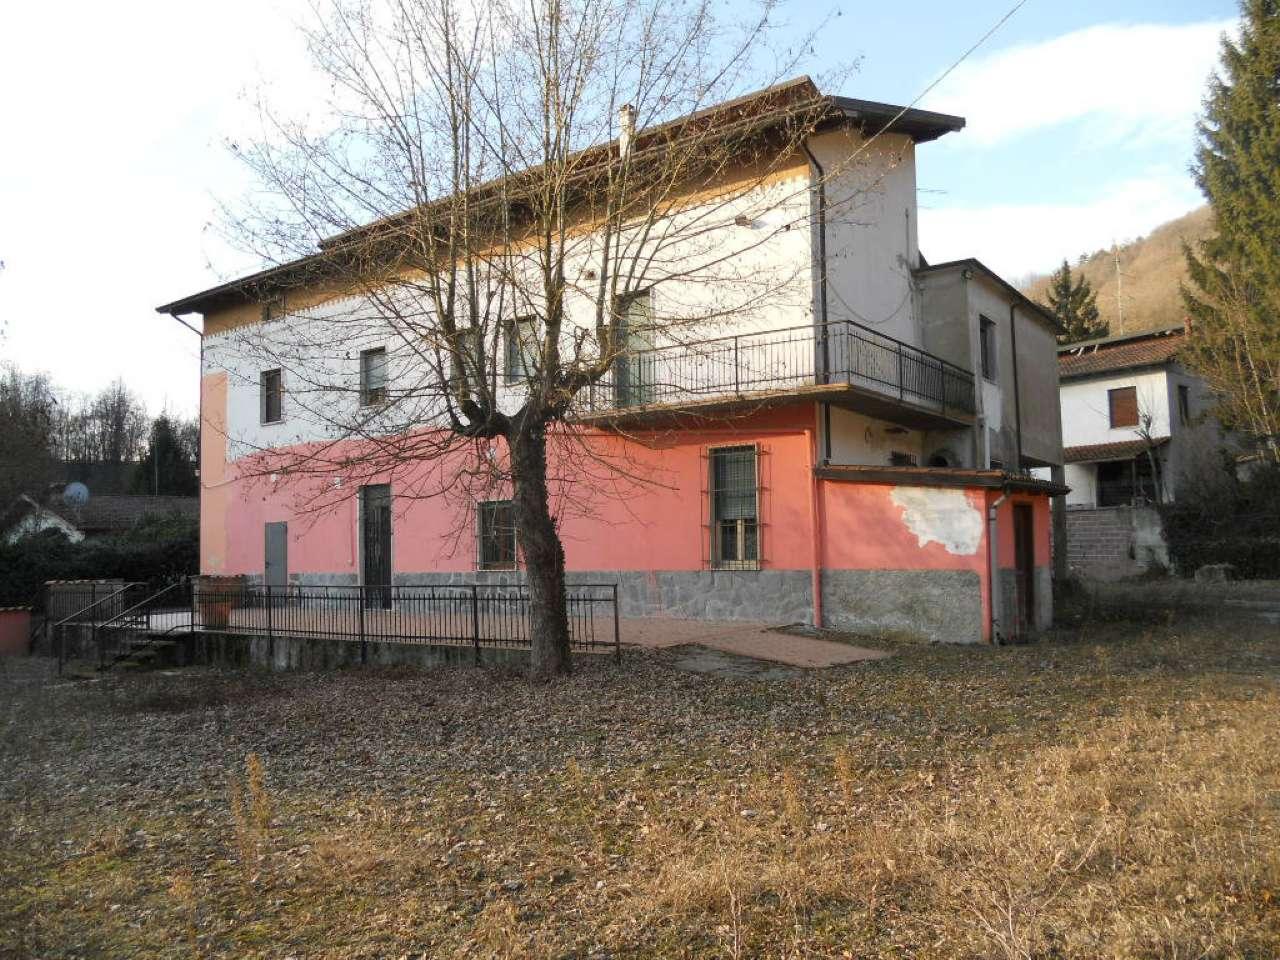 Negozio / Locale in vendita a Caminata, 9999 locali, prezzo € 120.000 | CambioCasa.it